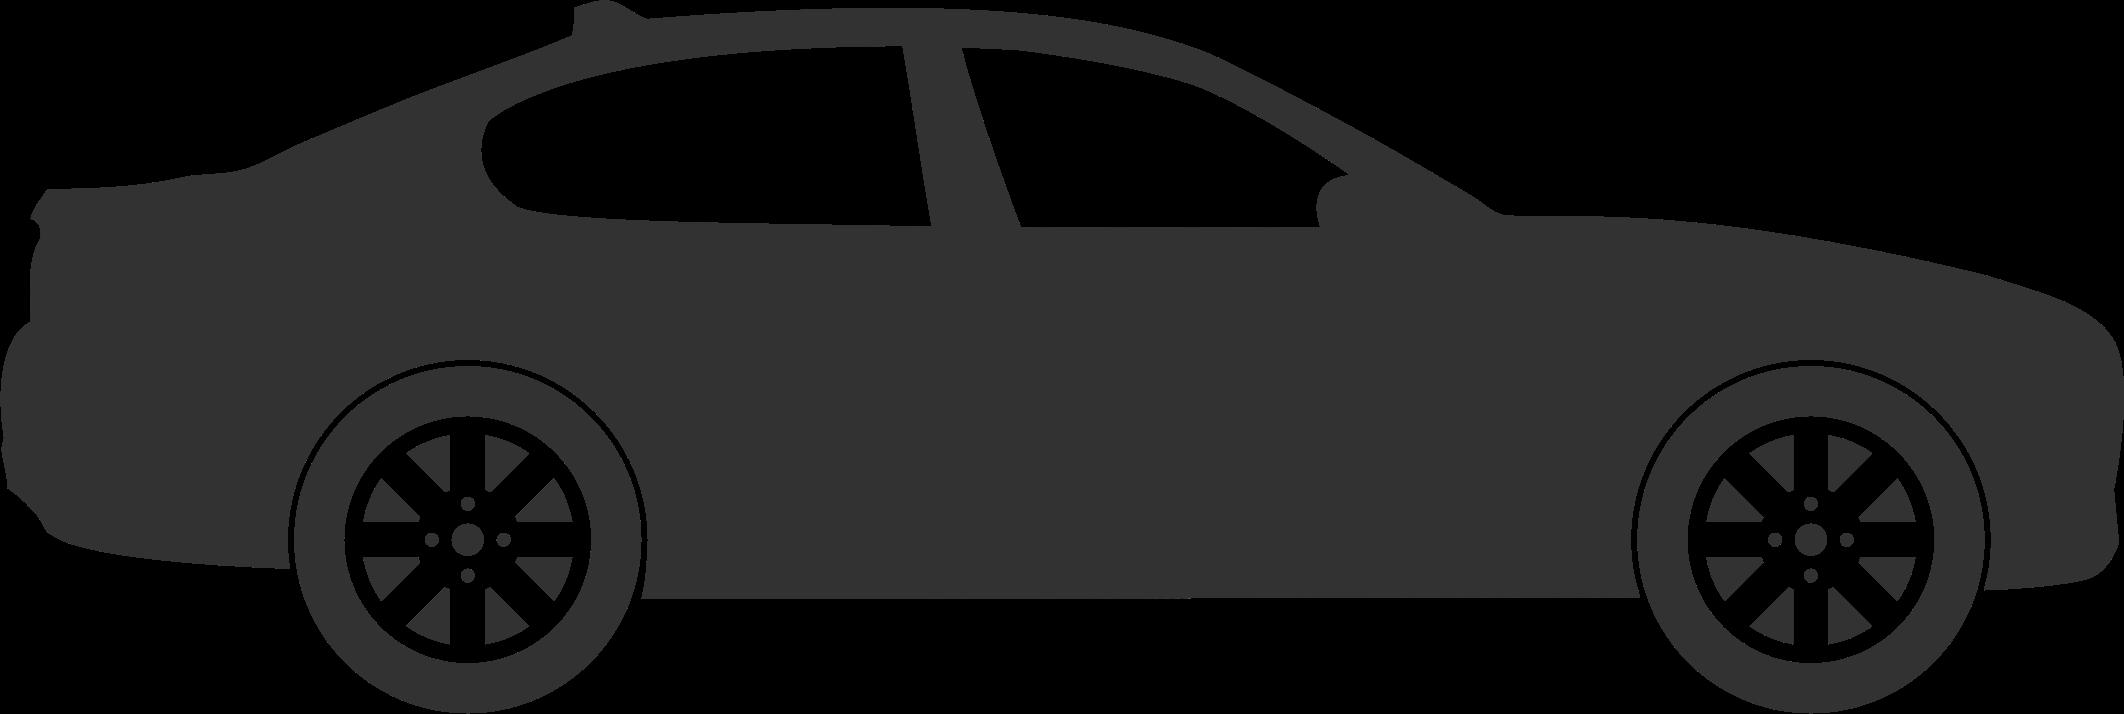 Clipart Sedan